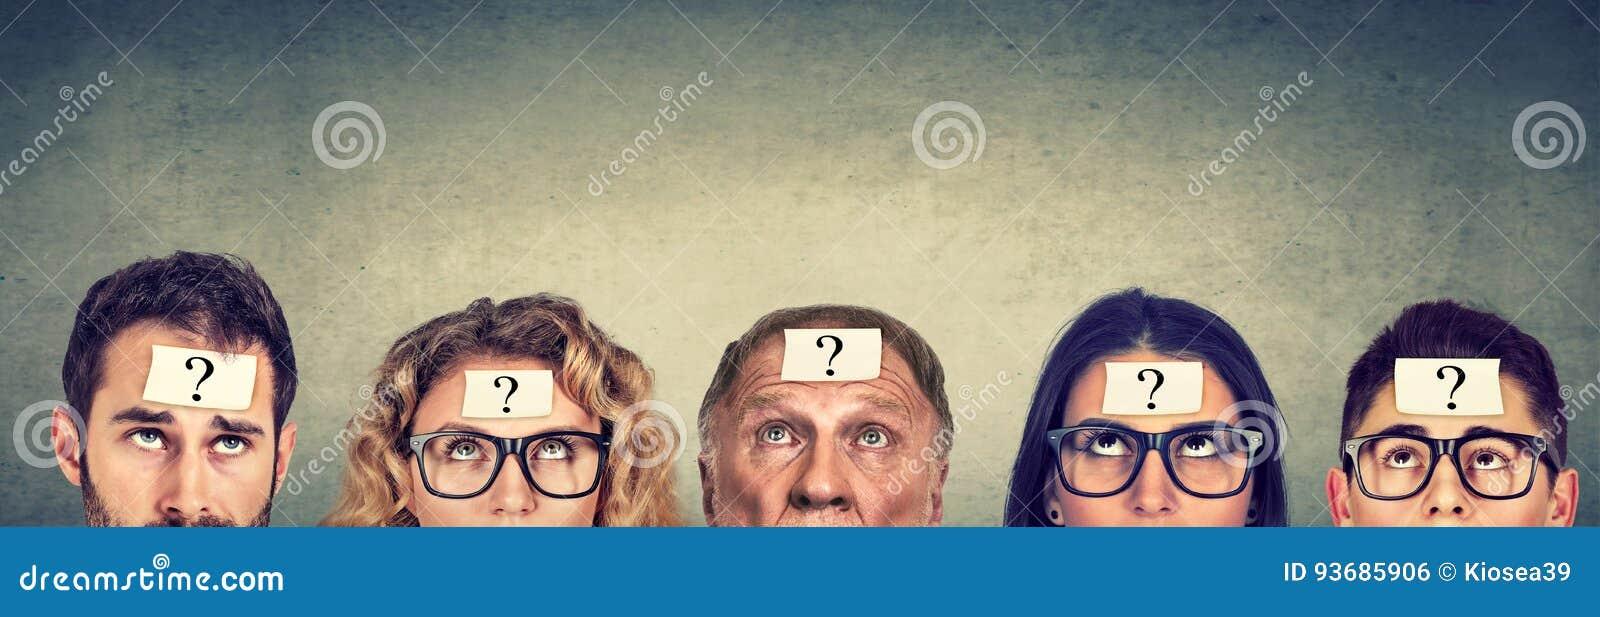 Grupo multiétnico de gente de pensamiento con el signo de interrogación que mira para arriba